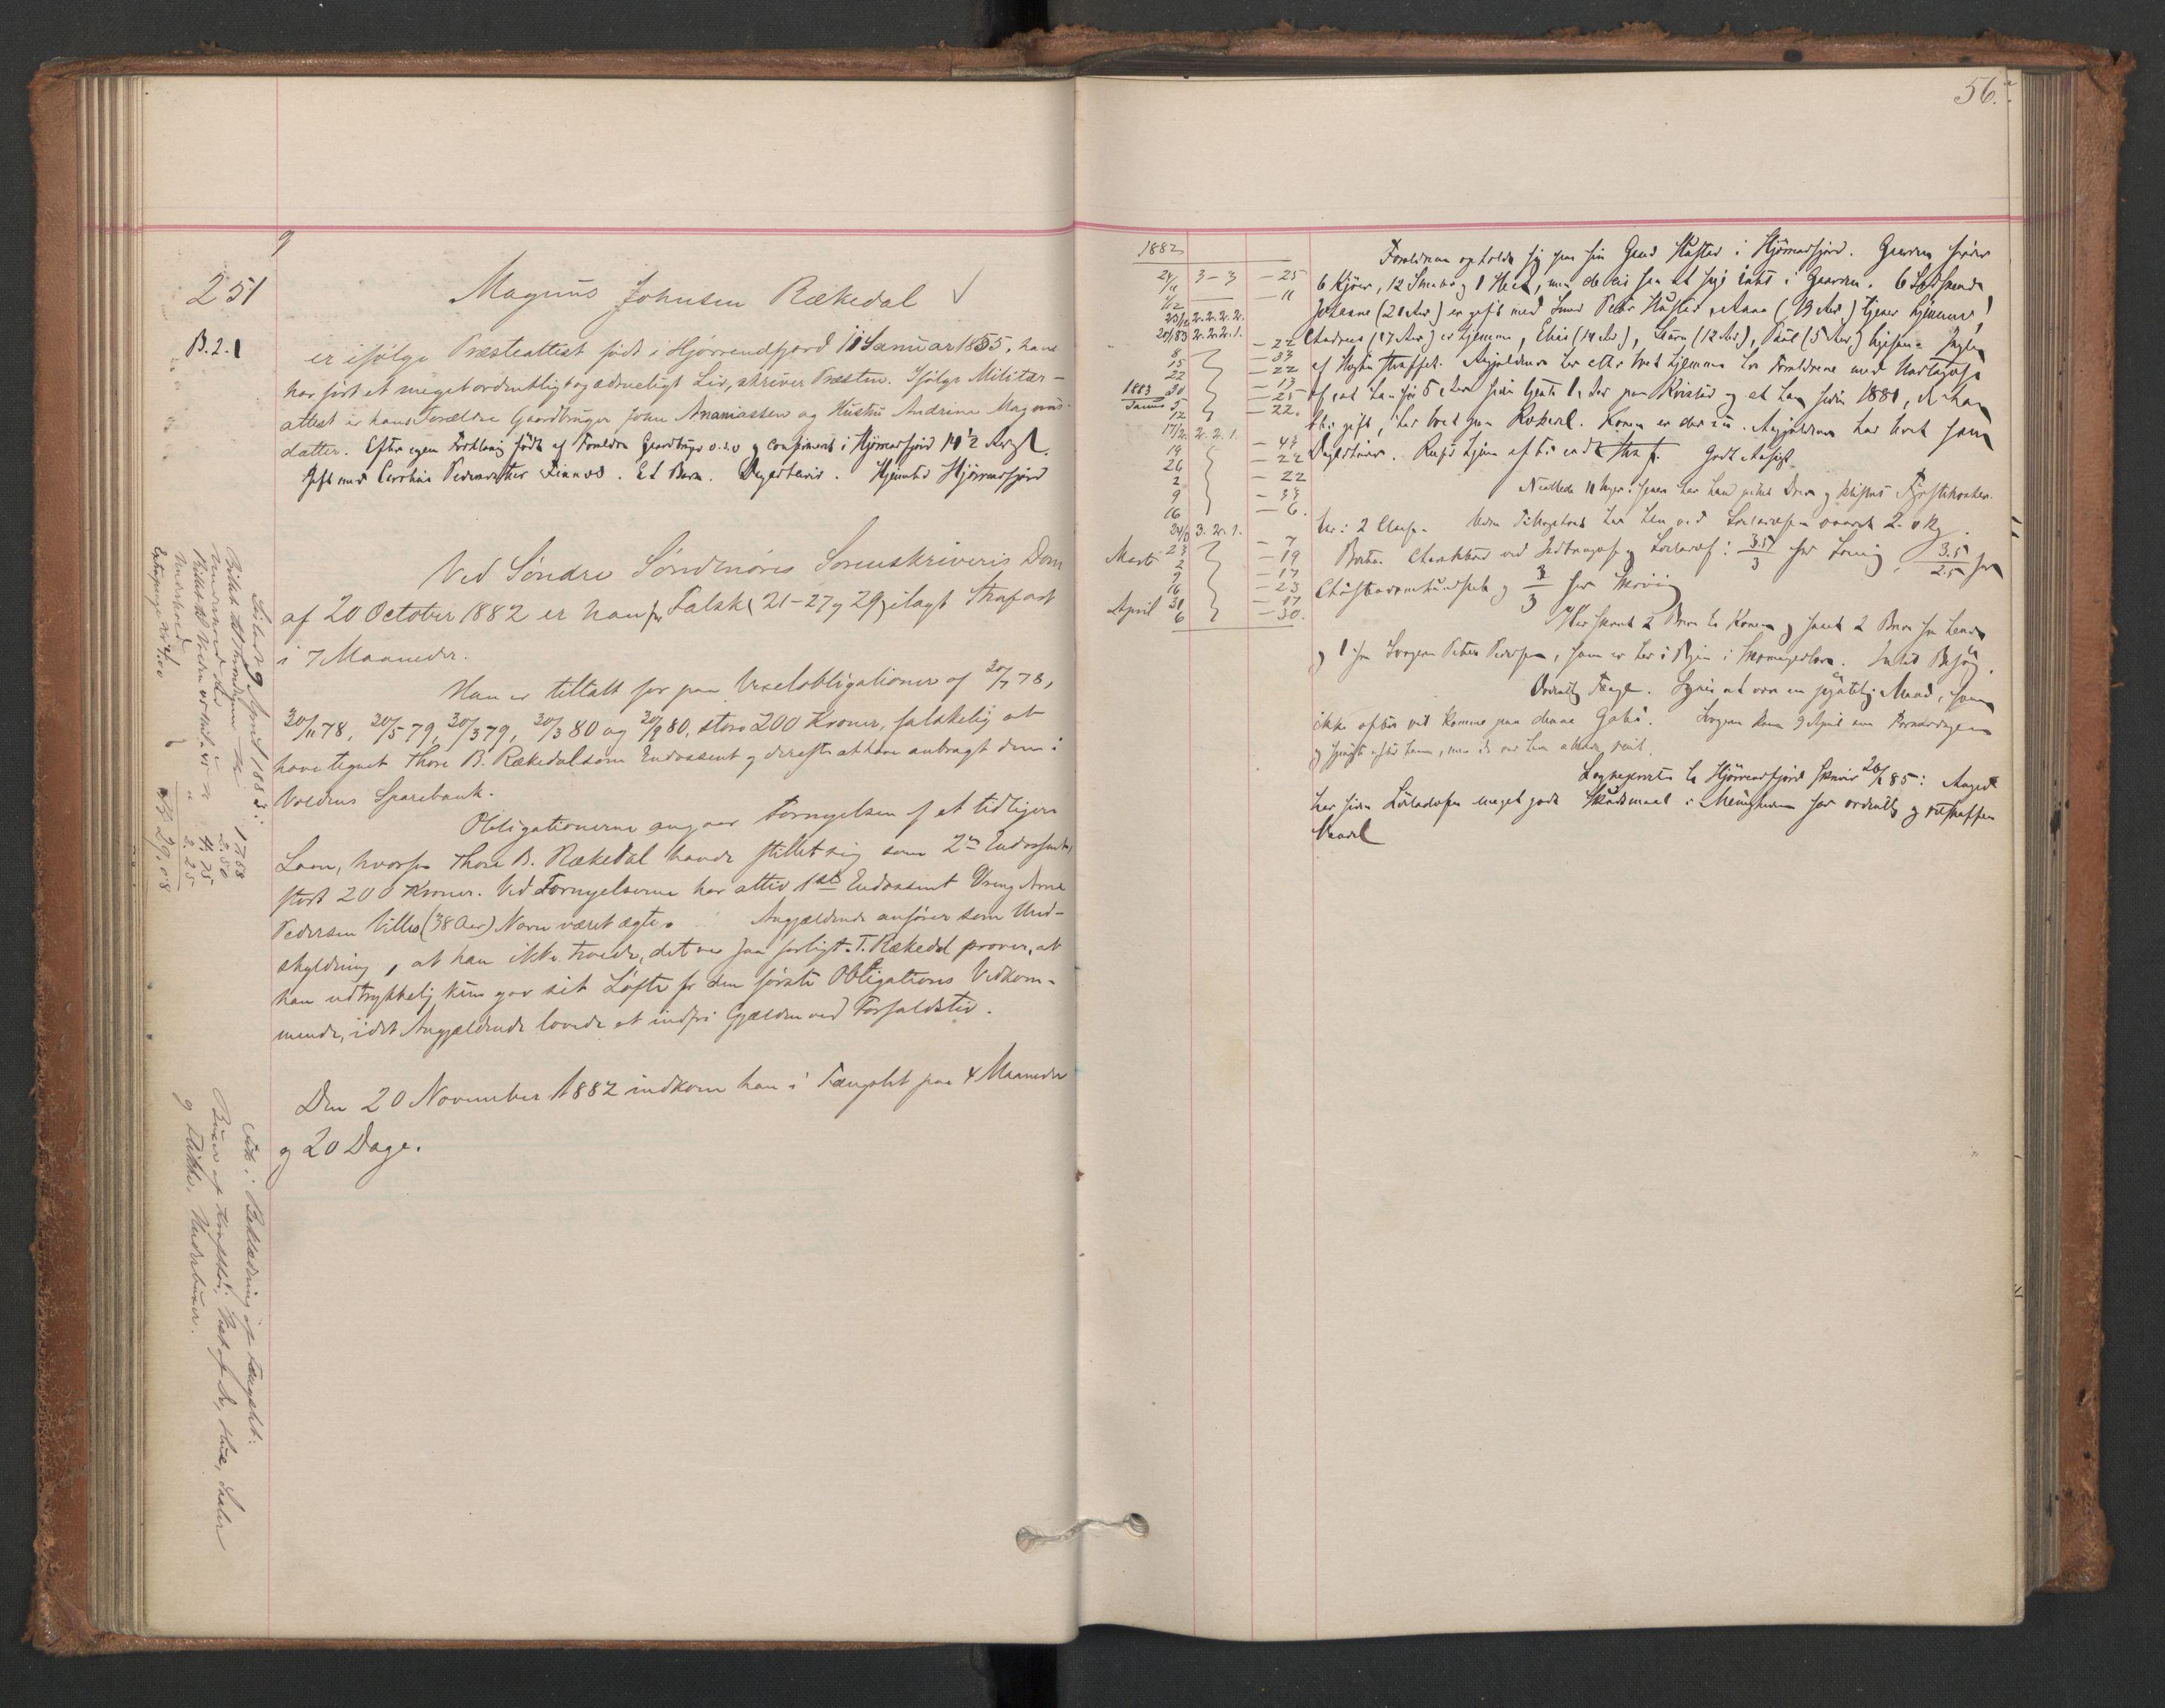 RA, Botsfengslet, D/Db/Dbb/L0021: 196g - 484g, 1882-1884, s. 56